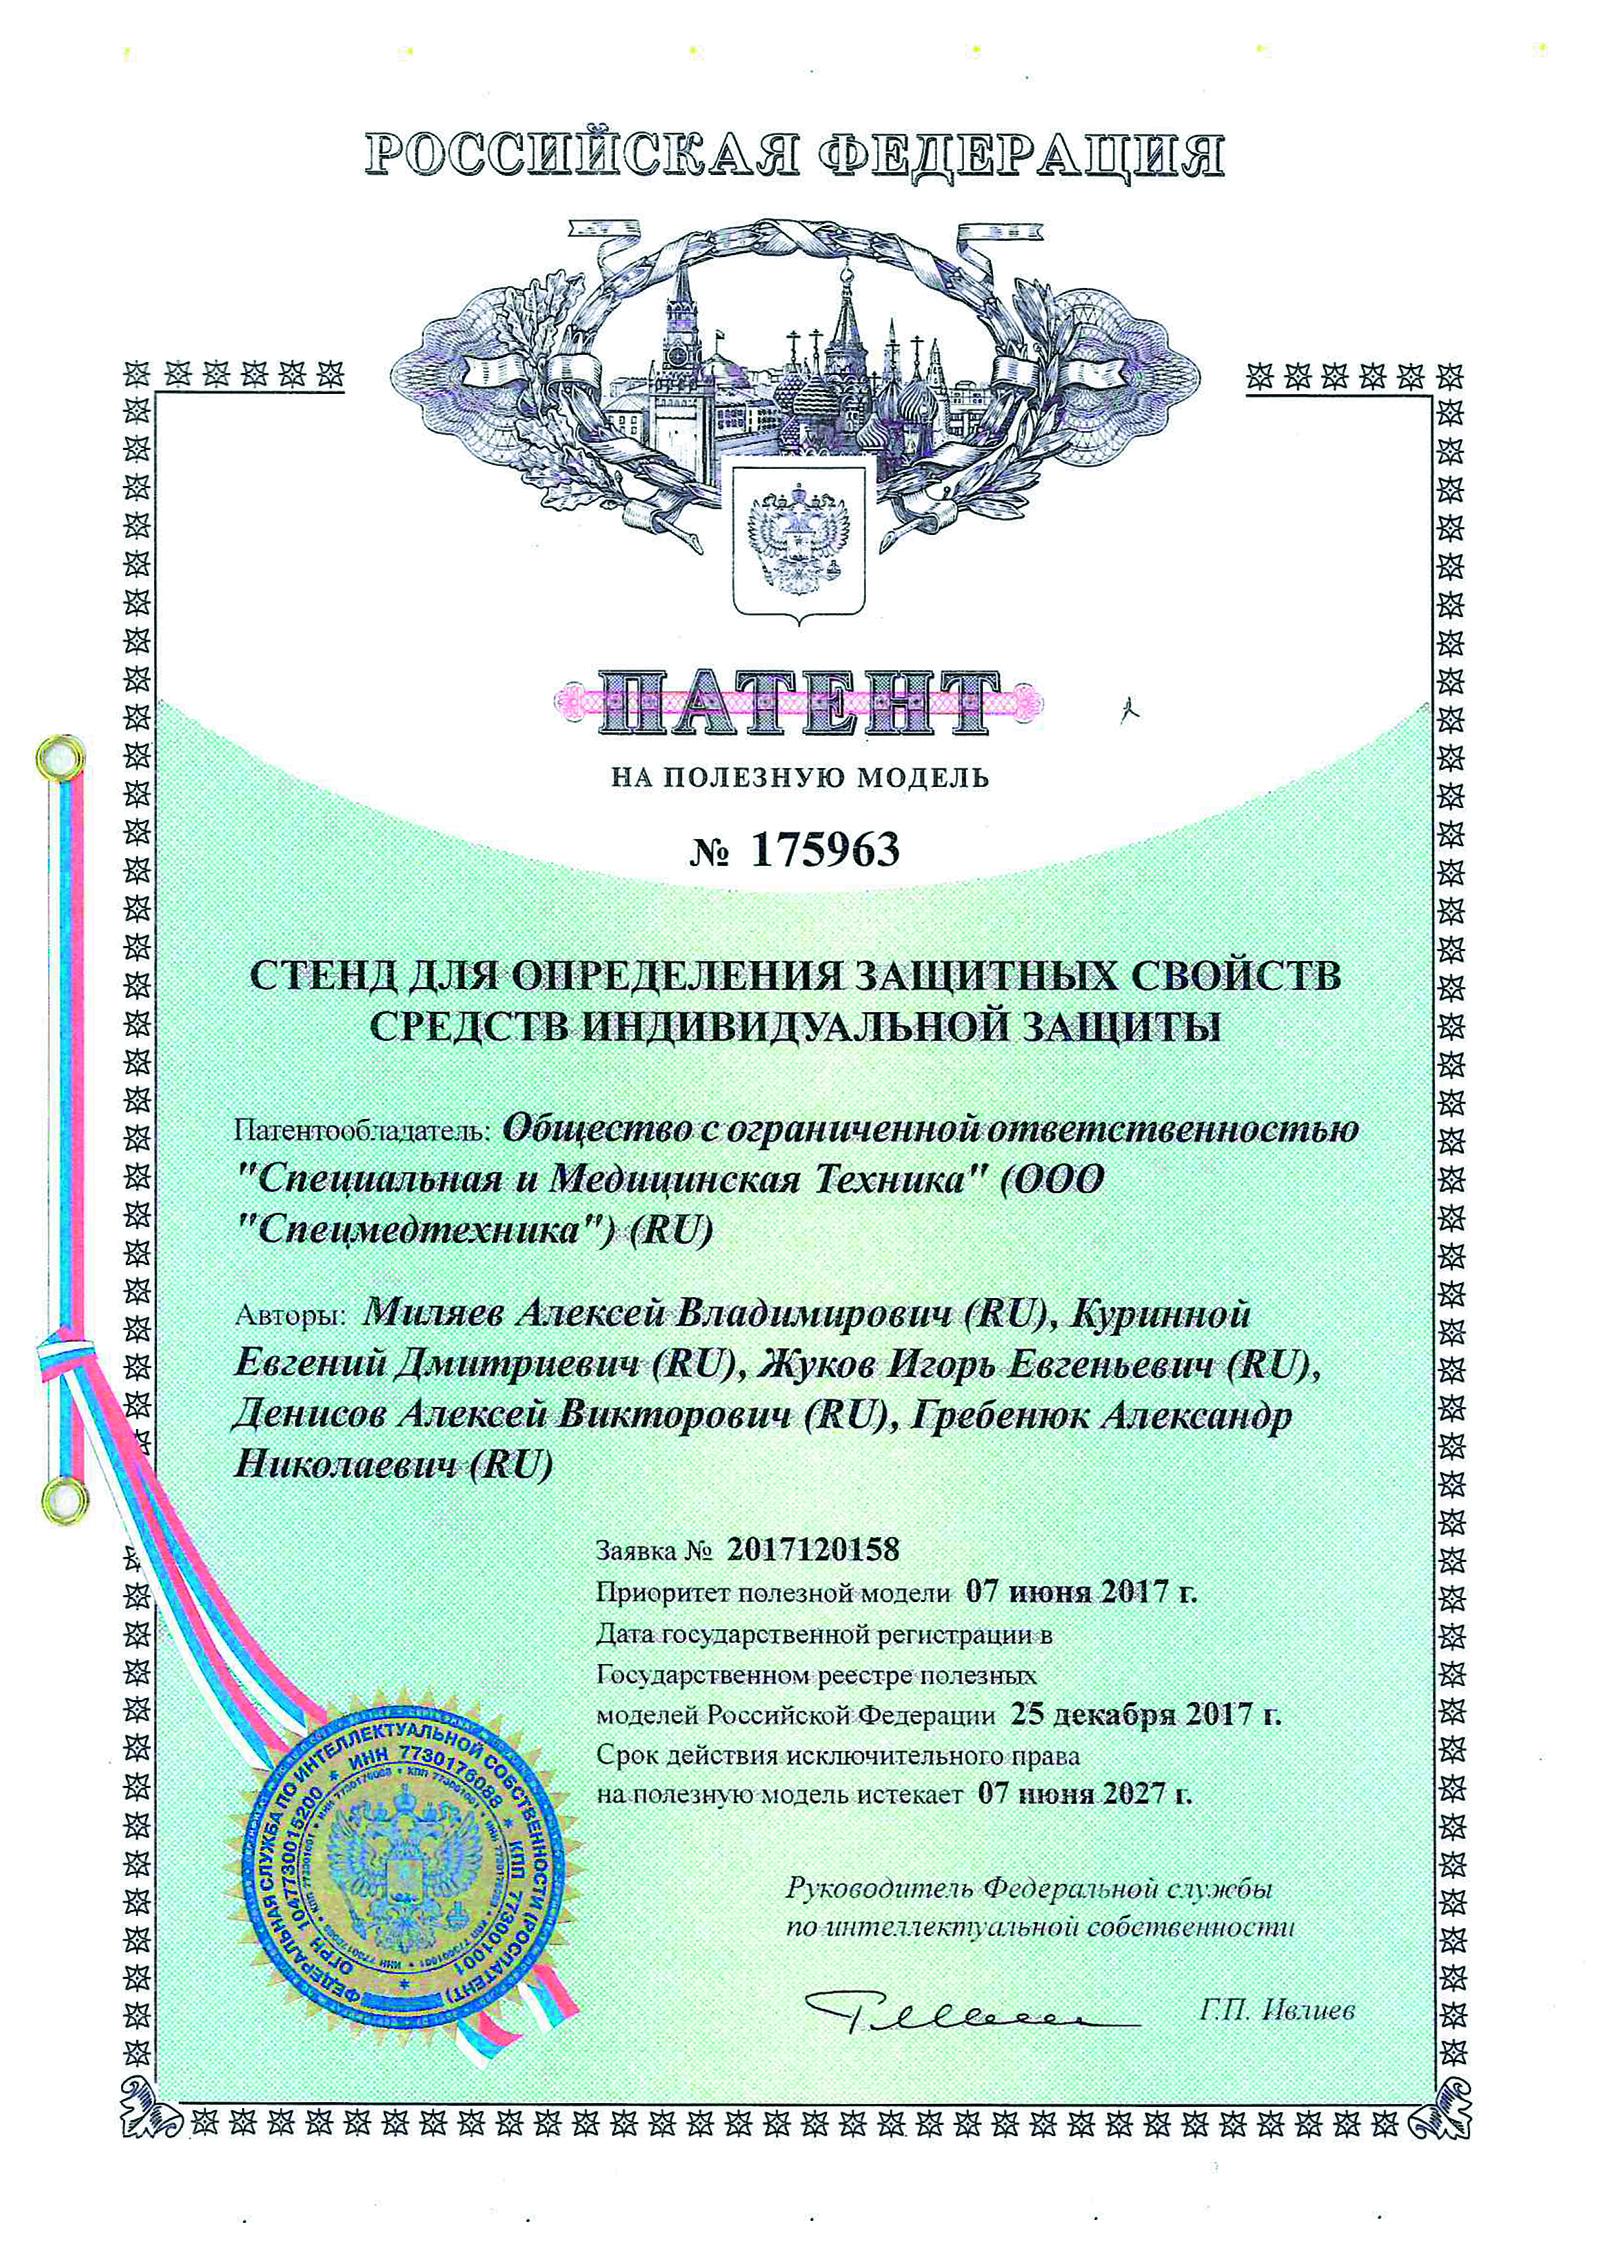 Патент на полезную модель 175963 Стенд для определения защитных свойств средств индивидуальной защиты